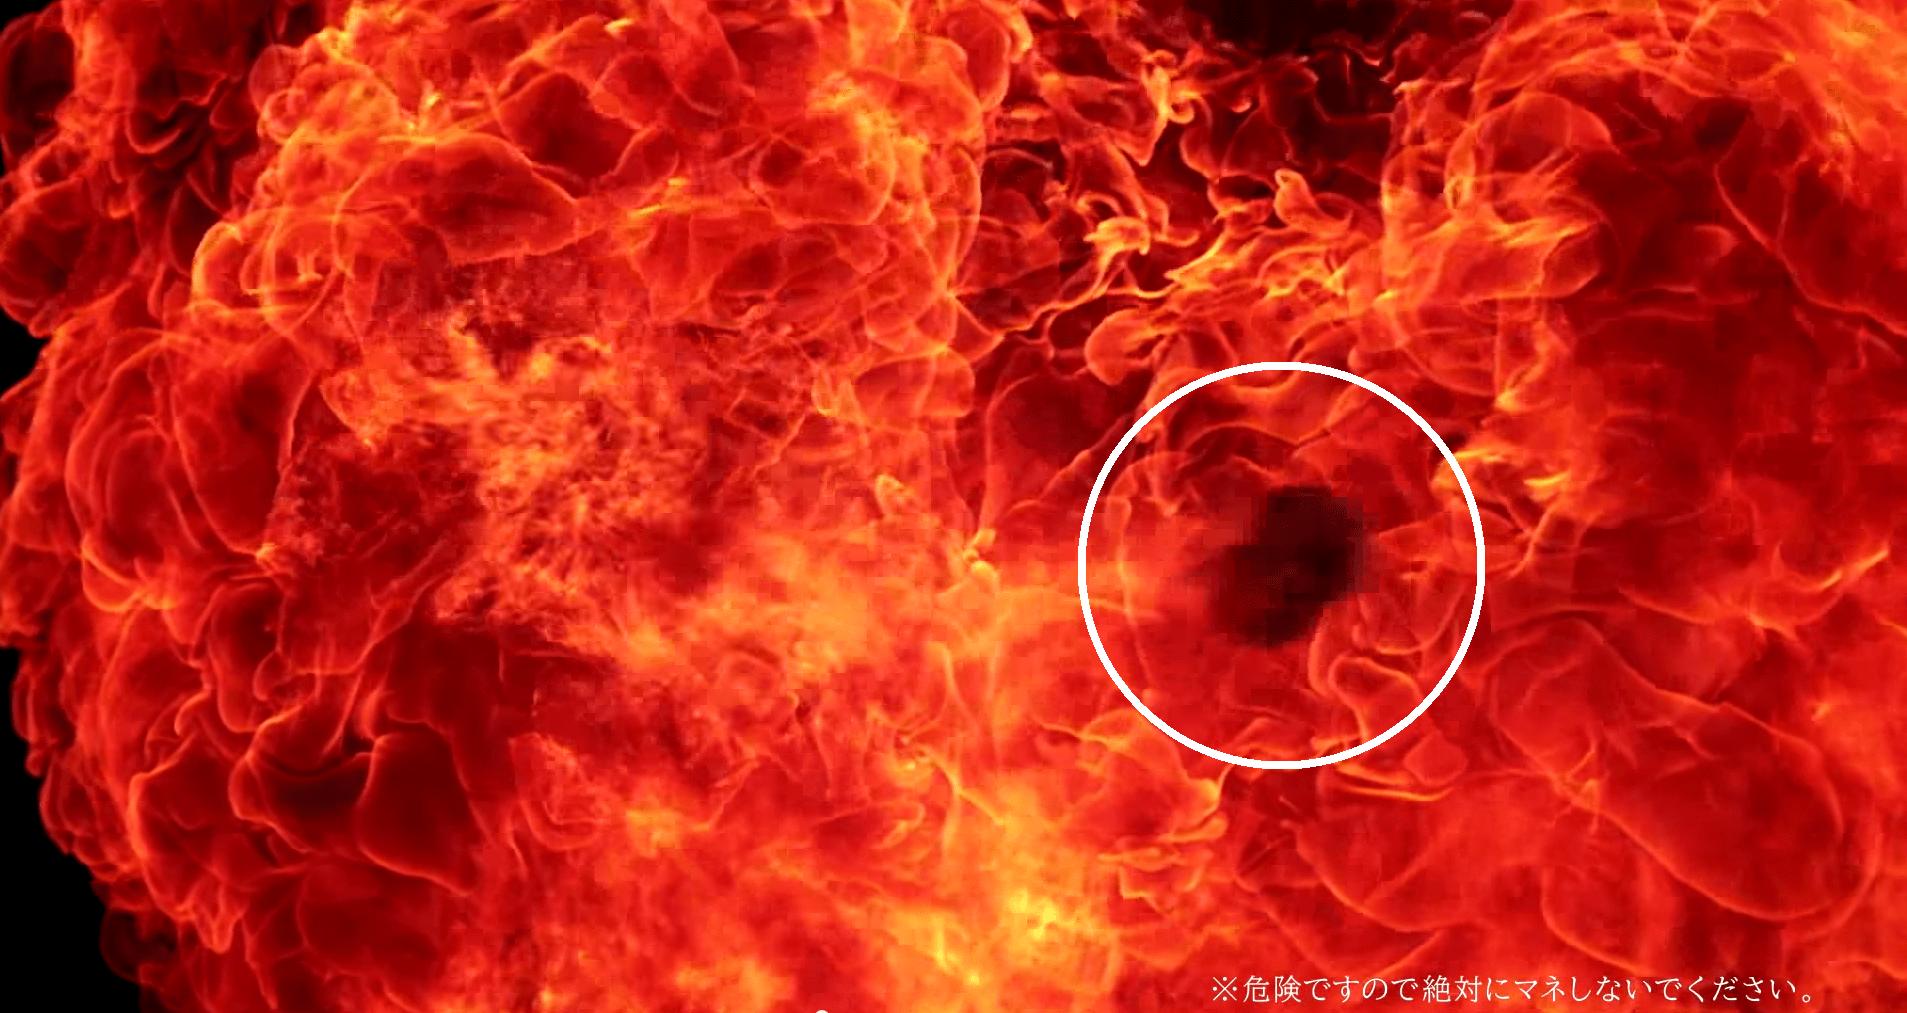 火焰中的餃子